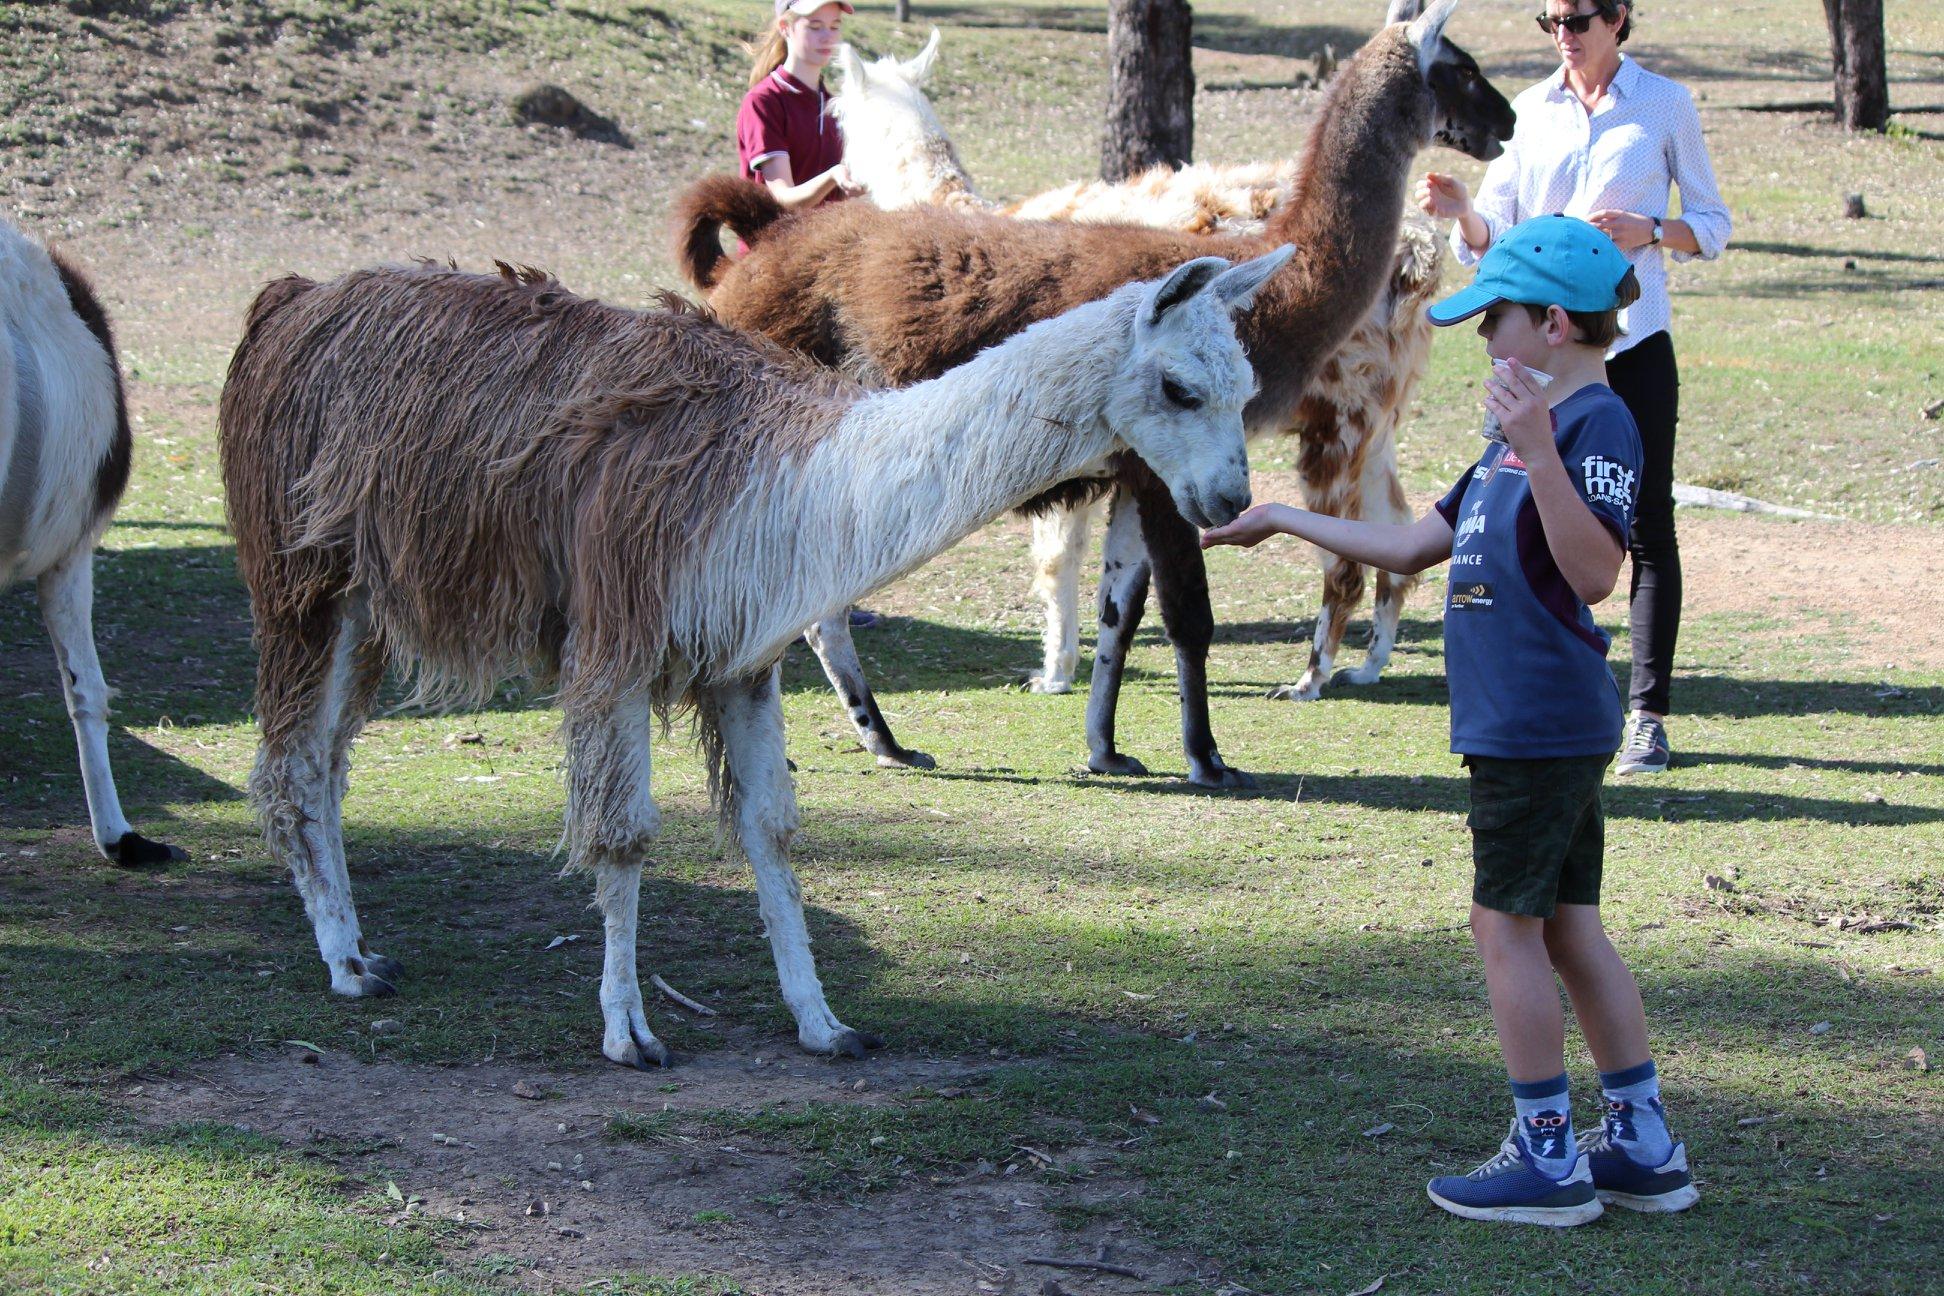 Ottaba llama walks